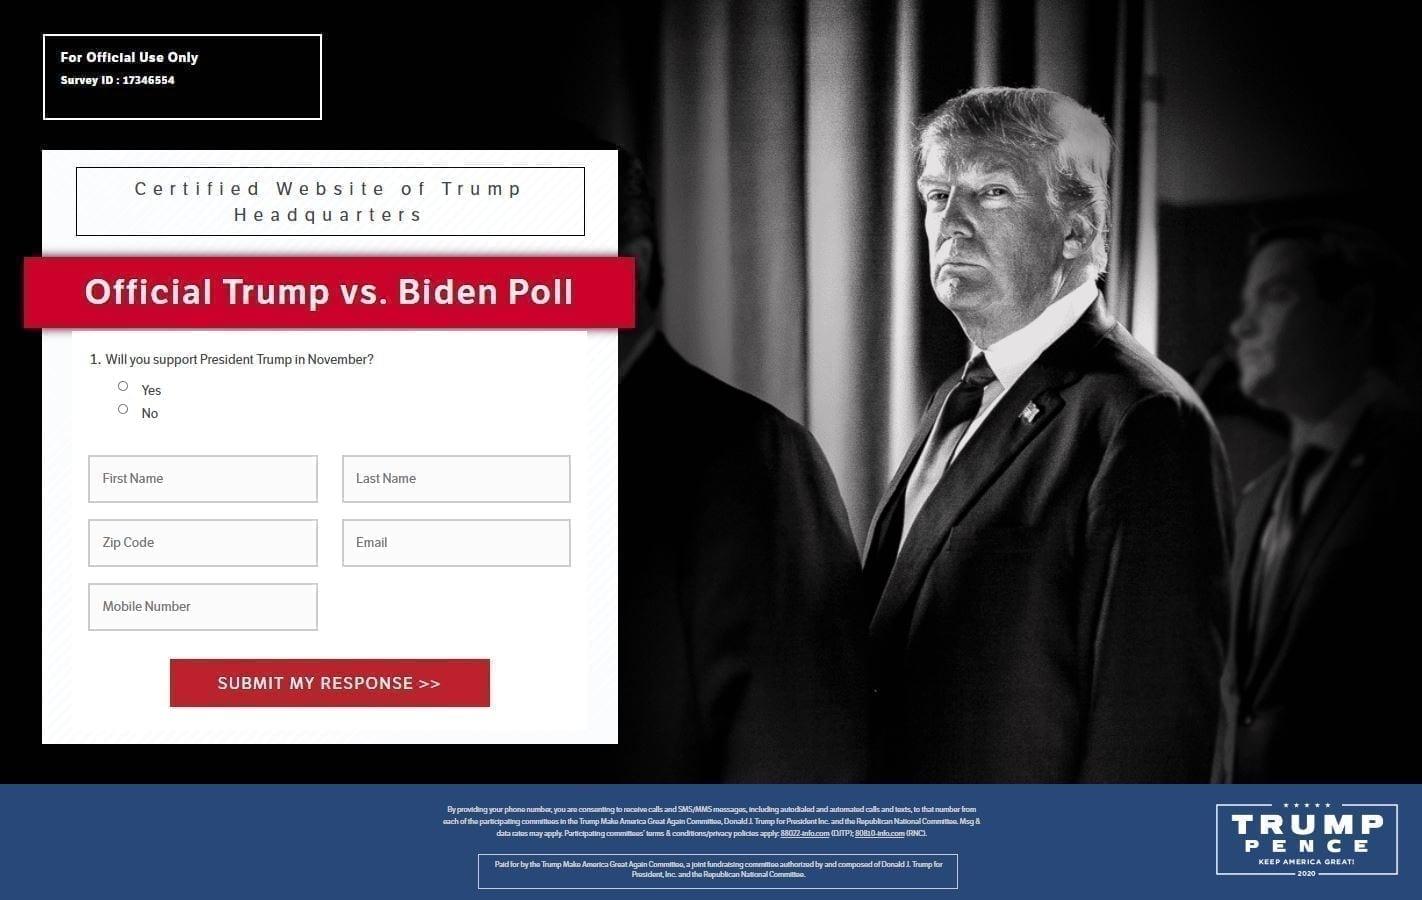 TRUMP VS BIDEN POLL WEBSITE